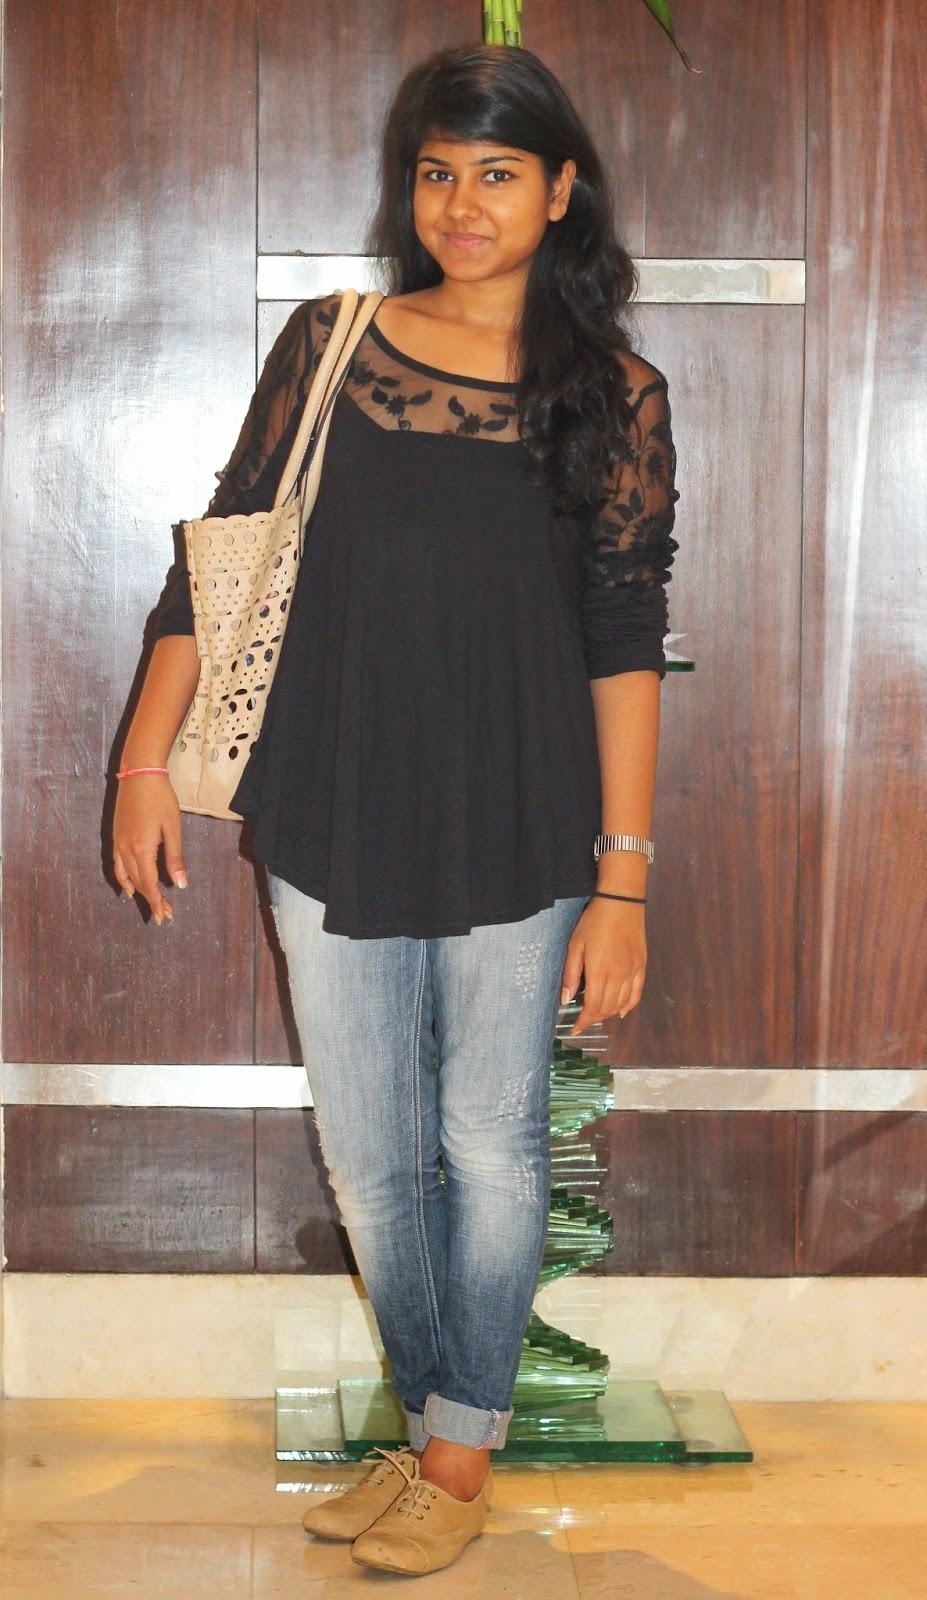 What's She Wearing #1 Mahima Agarwal